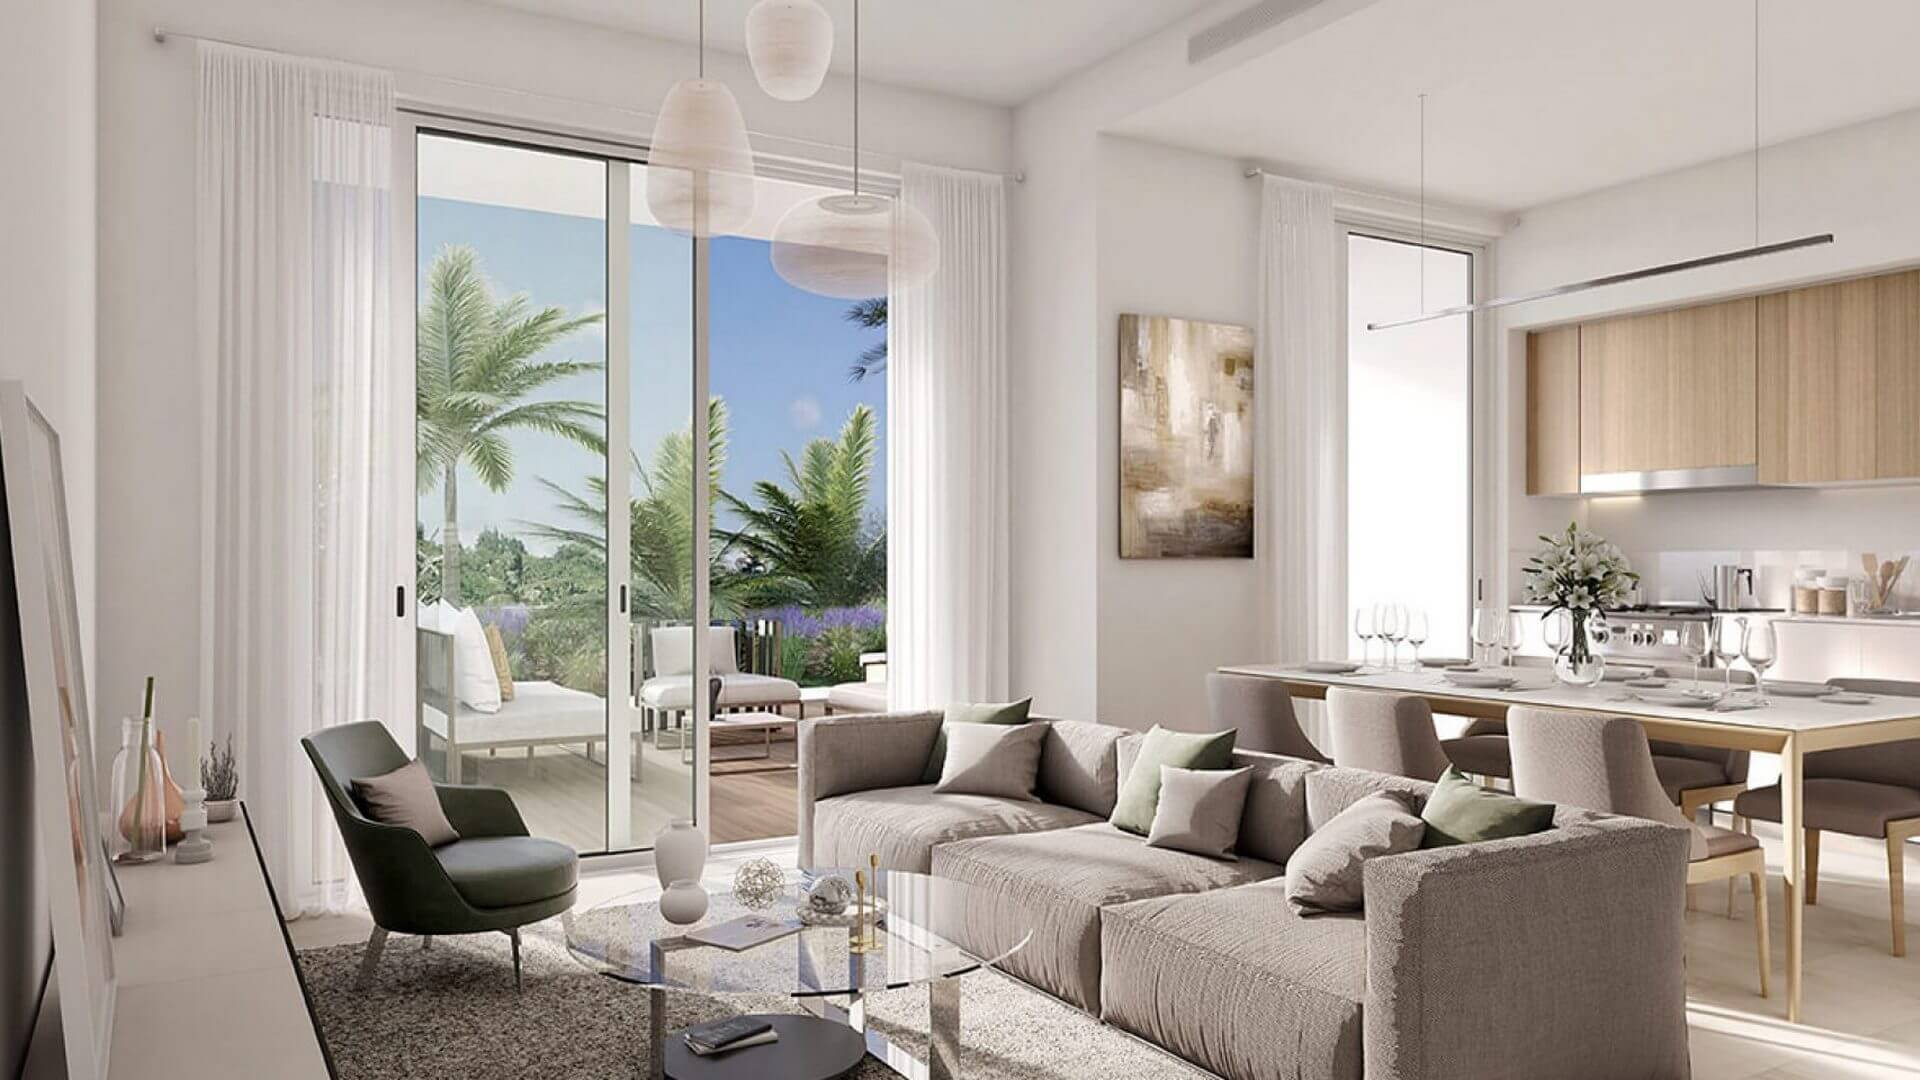 Villa en venta en Dubai, EAU, 3 dormitorios, 180 m2, № 24047 – foto 7